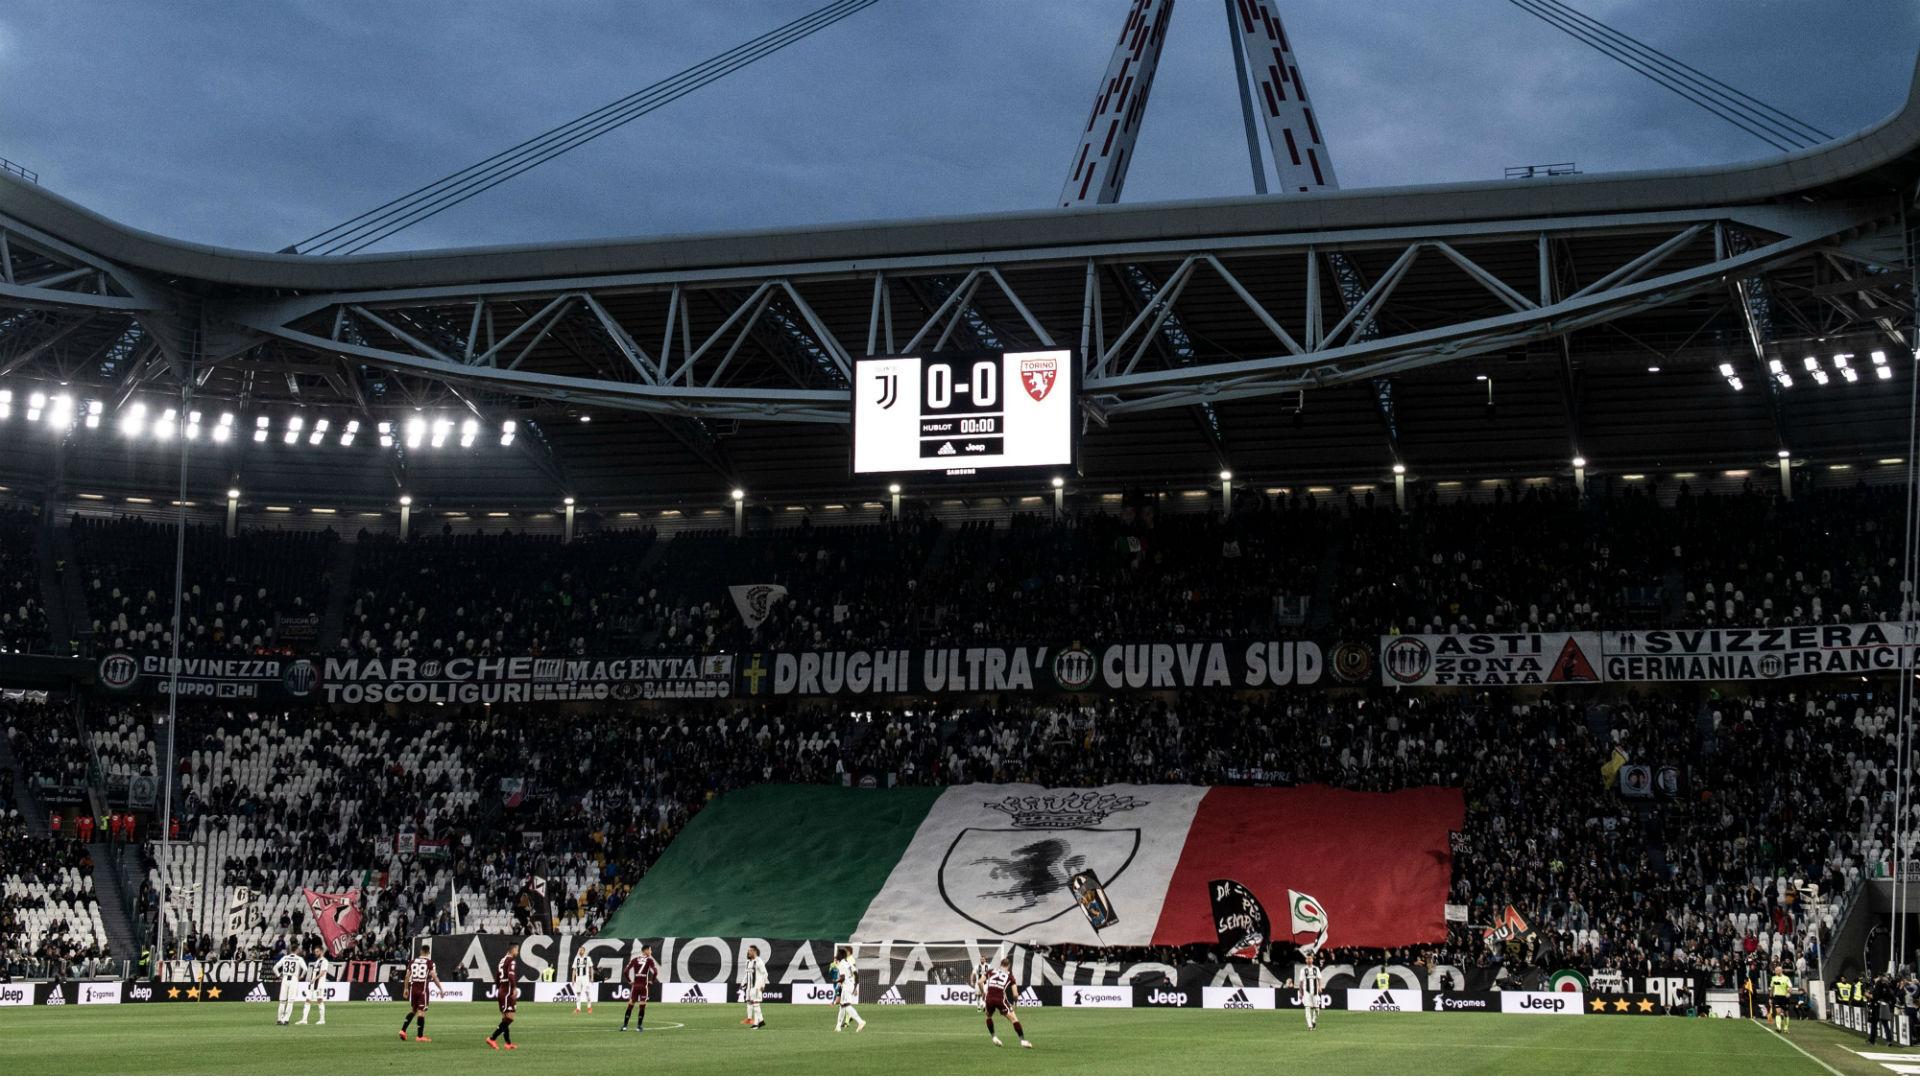 Tifoso della Juventus mima aereo Superga: inibito per 5 anni